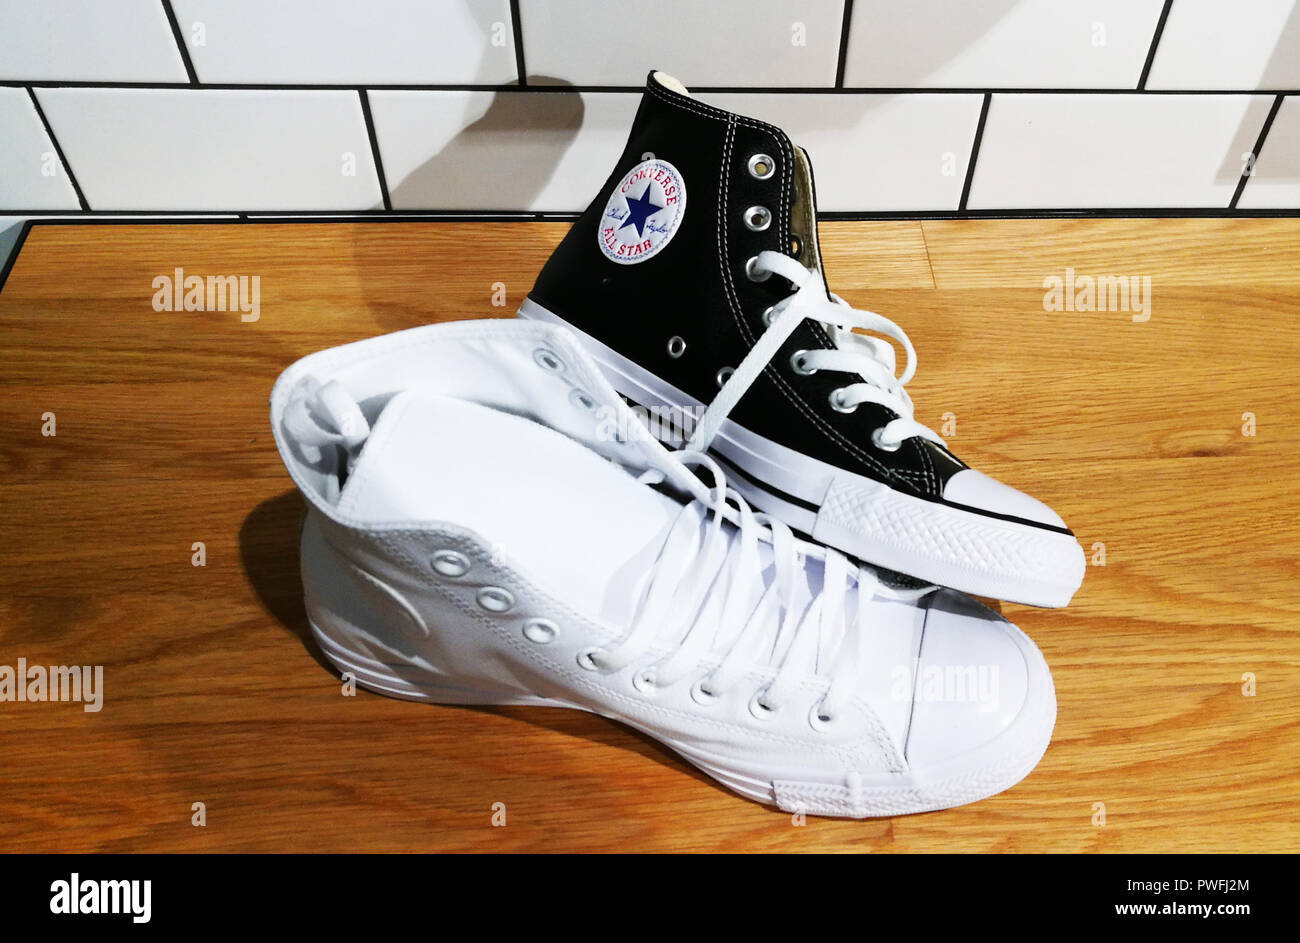 2d50353263f7 Black Converse Shoe Stock Photos   Black Converse Shoe Stock Images ...